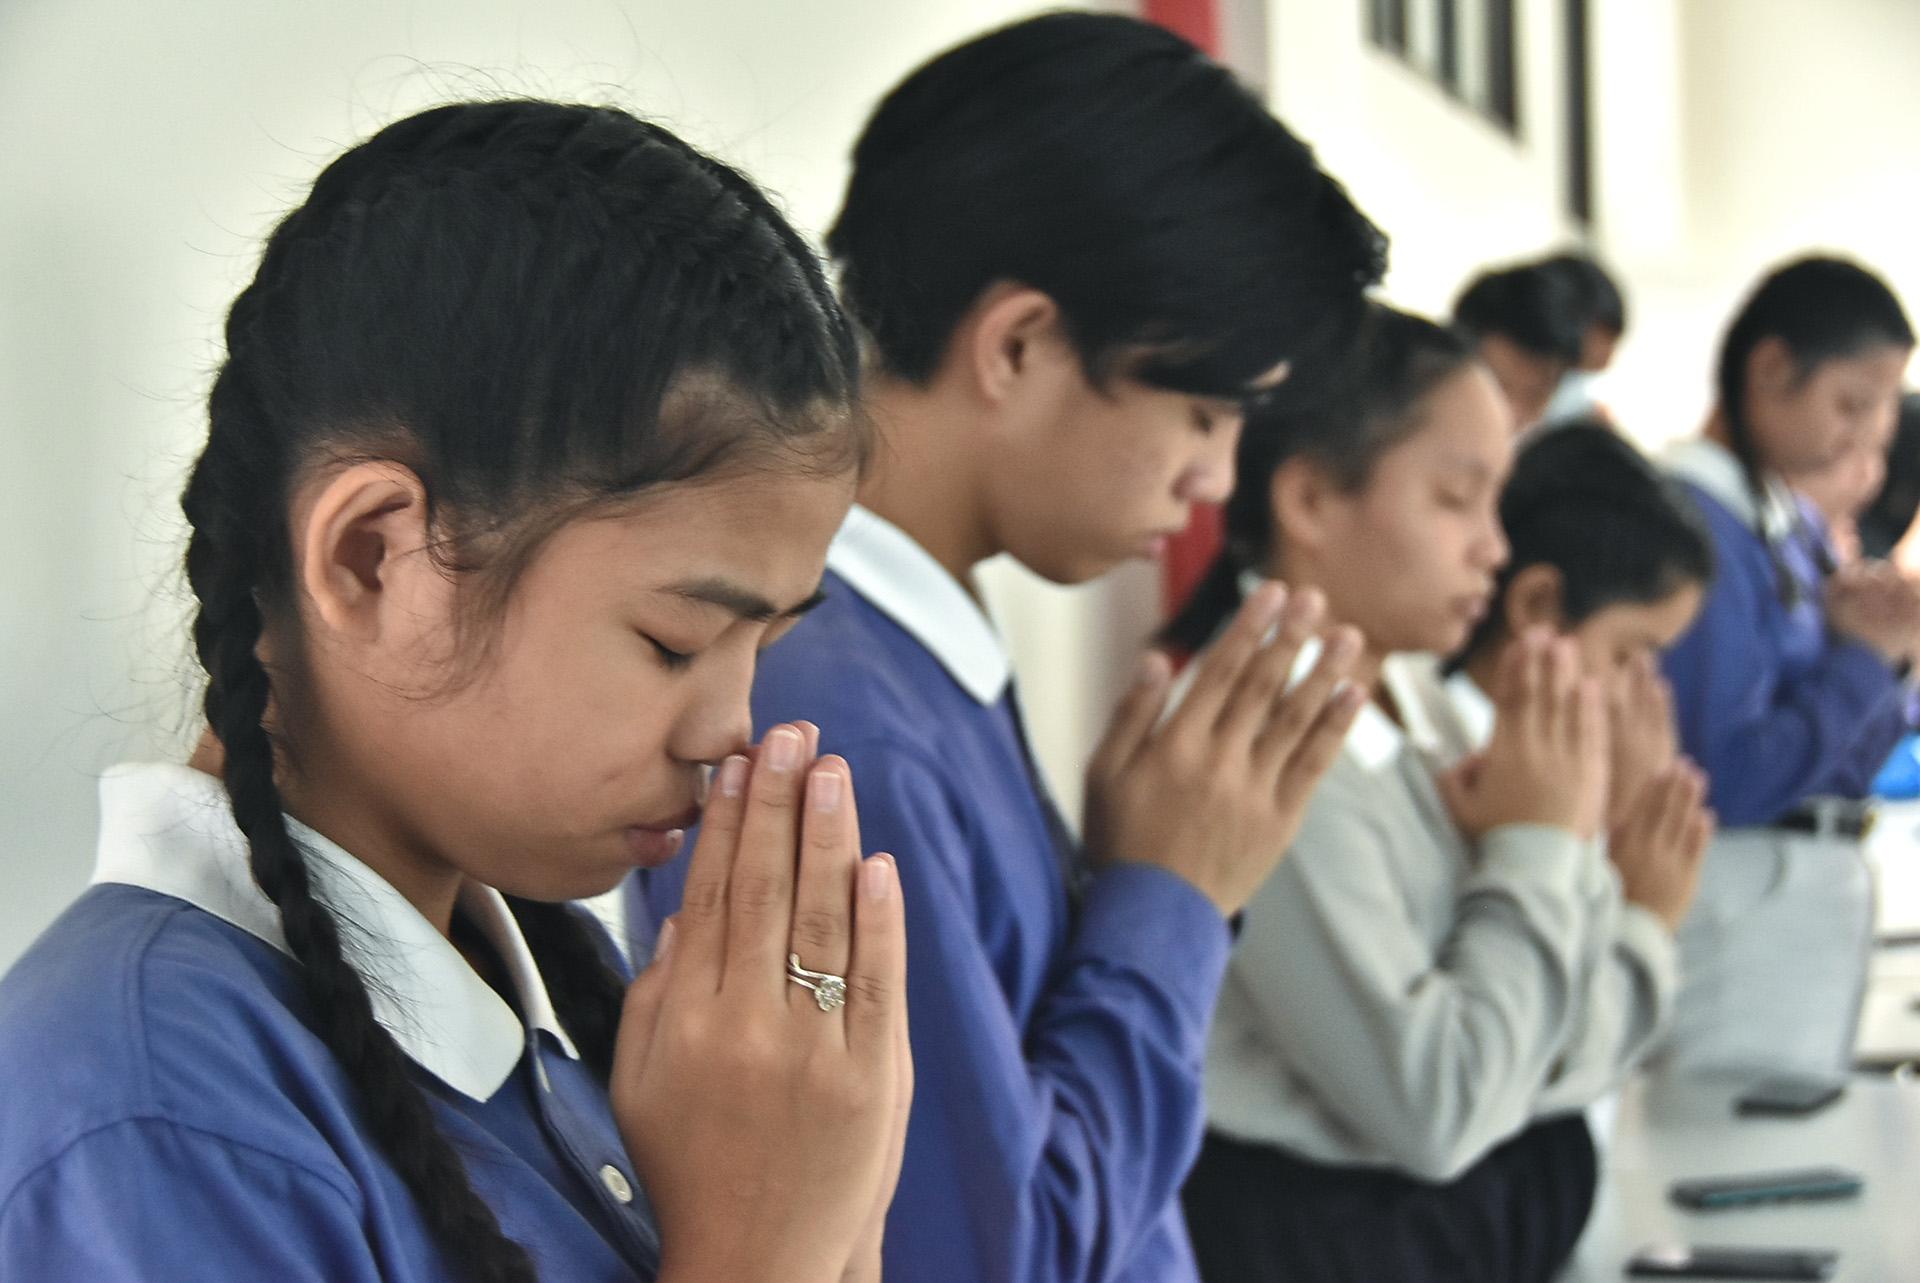 慈濟科技大學菲律賓學生主動募心募愛,祈禱家鄉盡快復原。